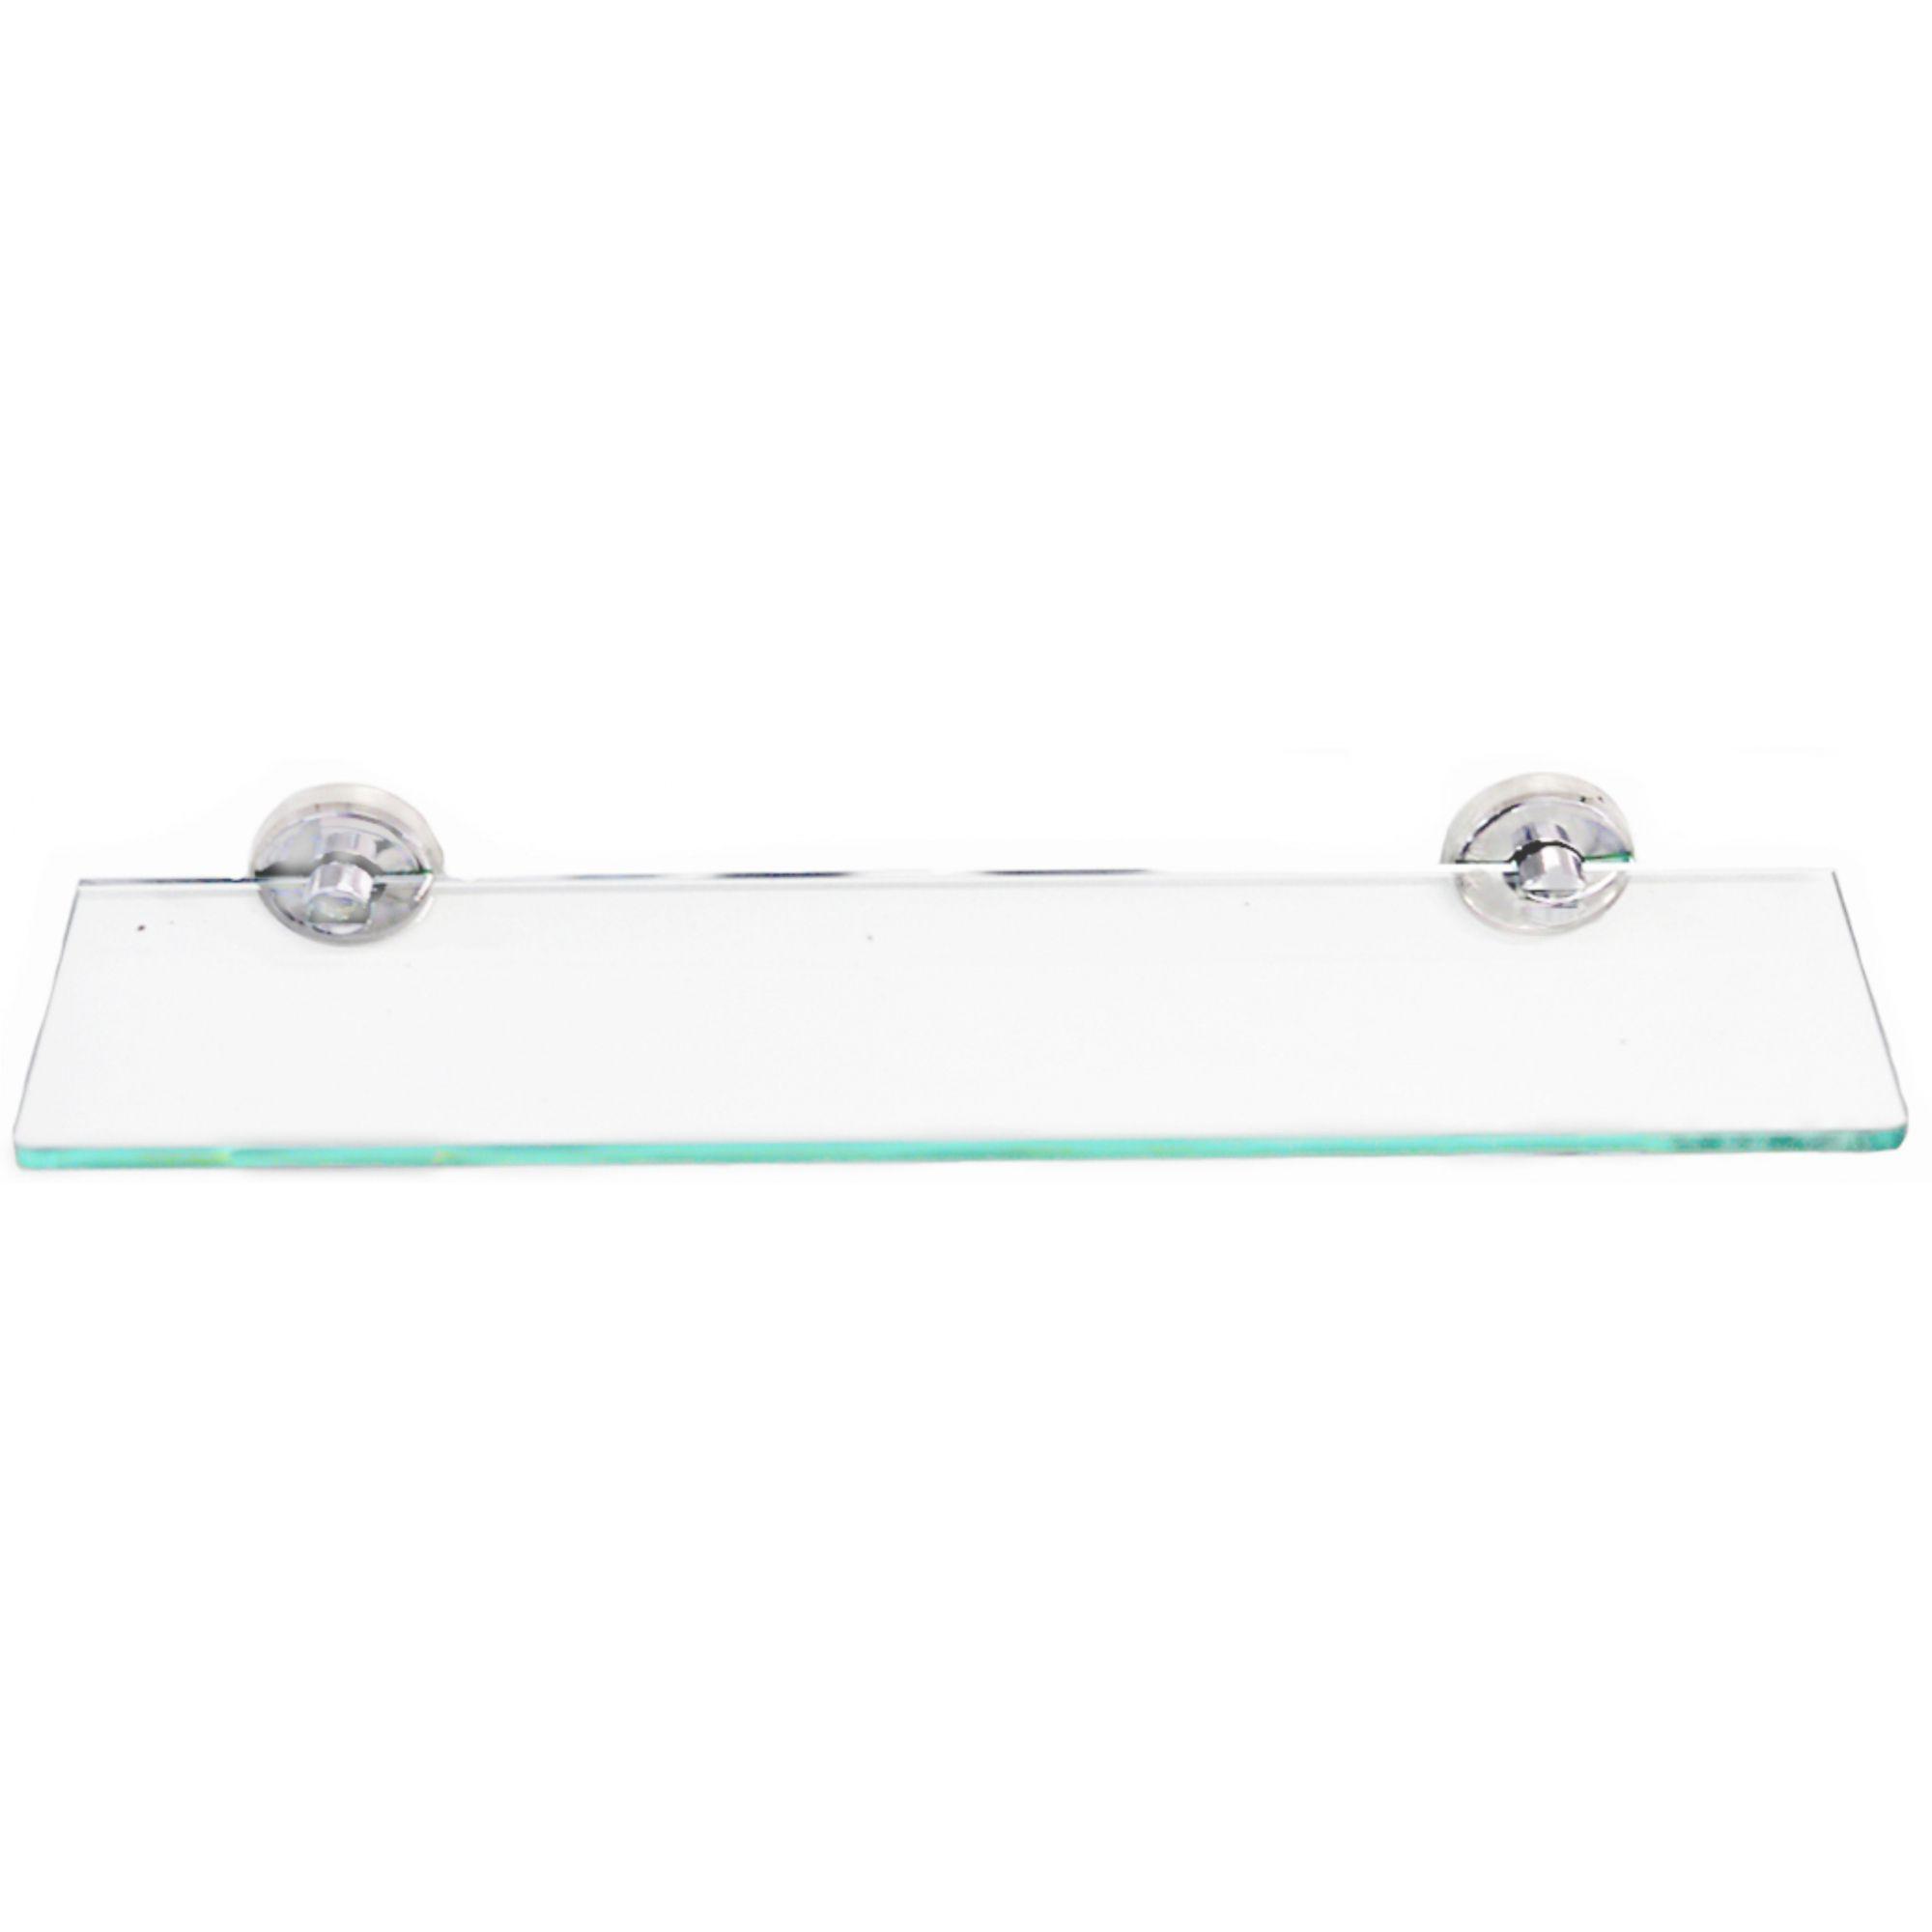 Porta Shampoo em aço inox com vidro